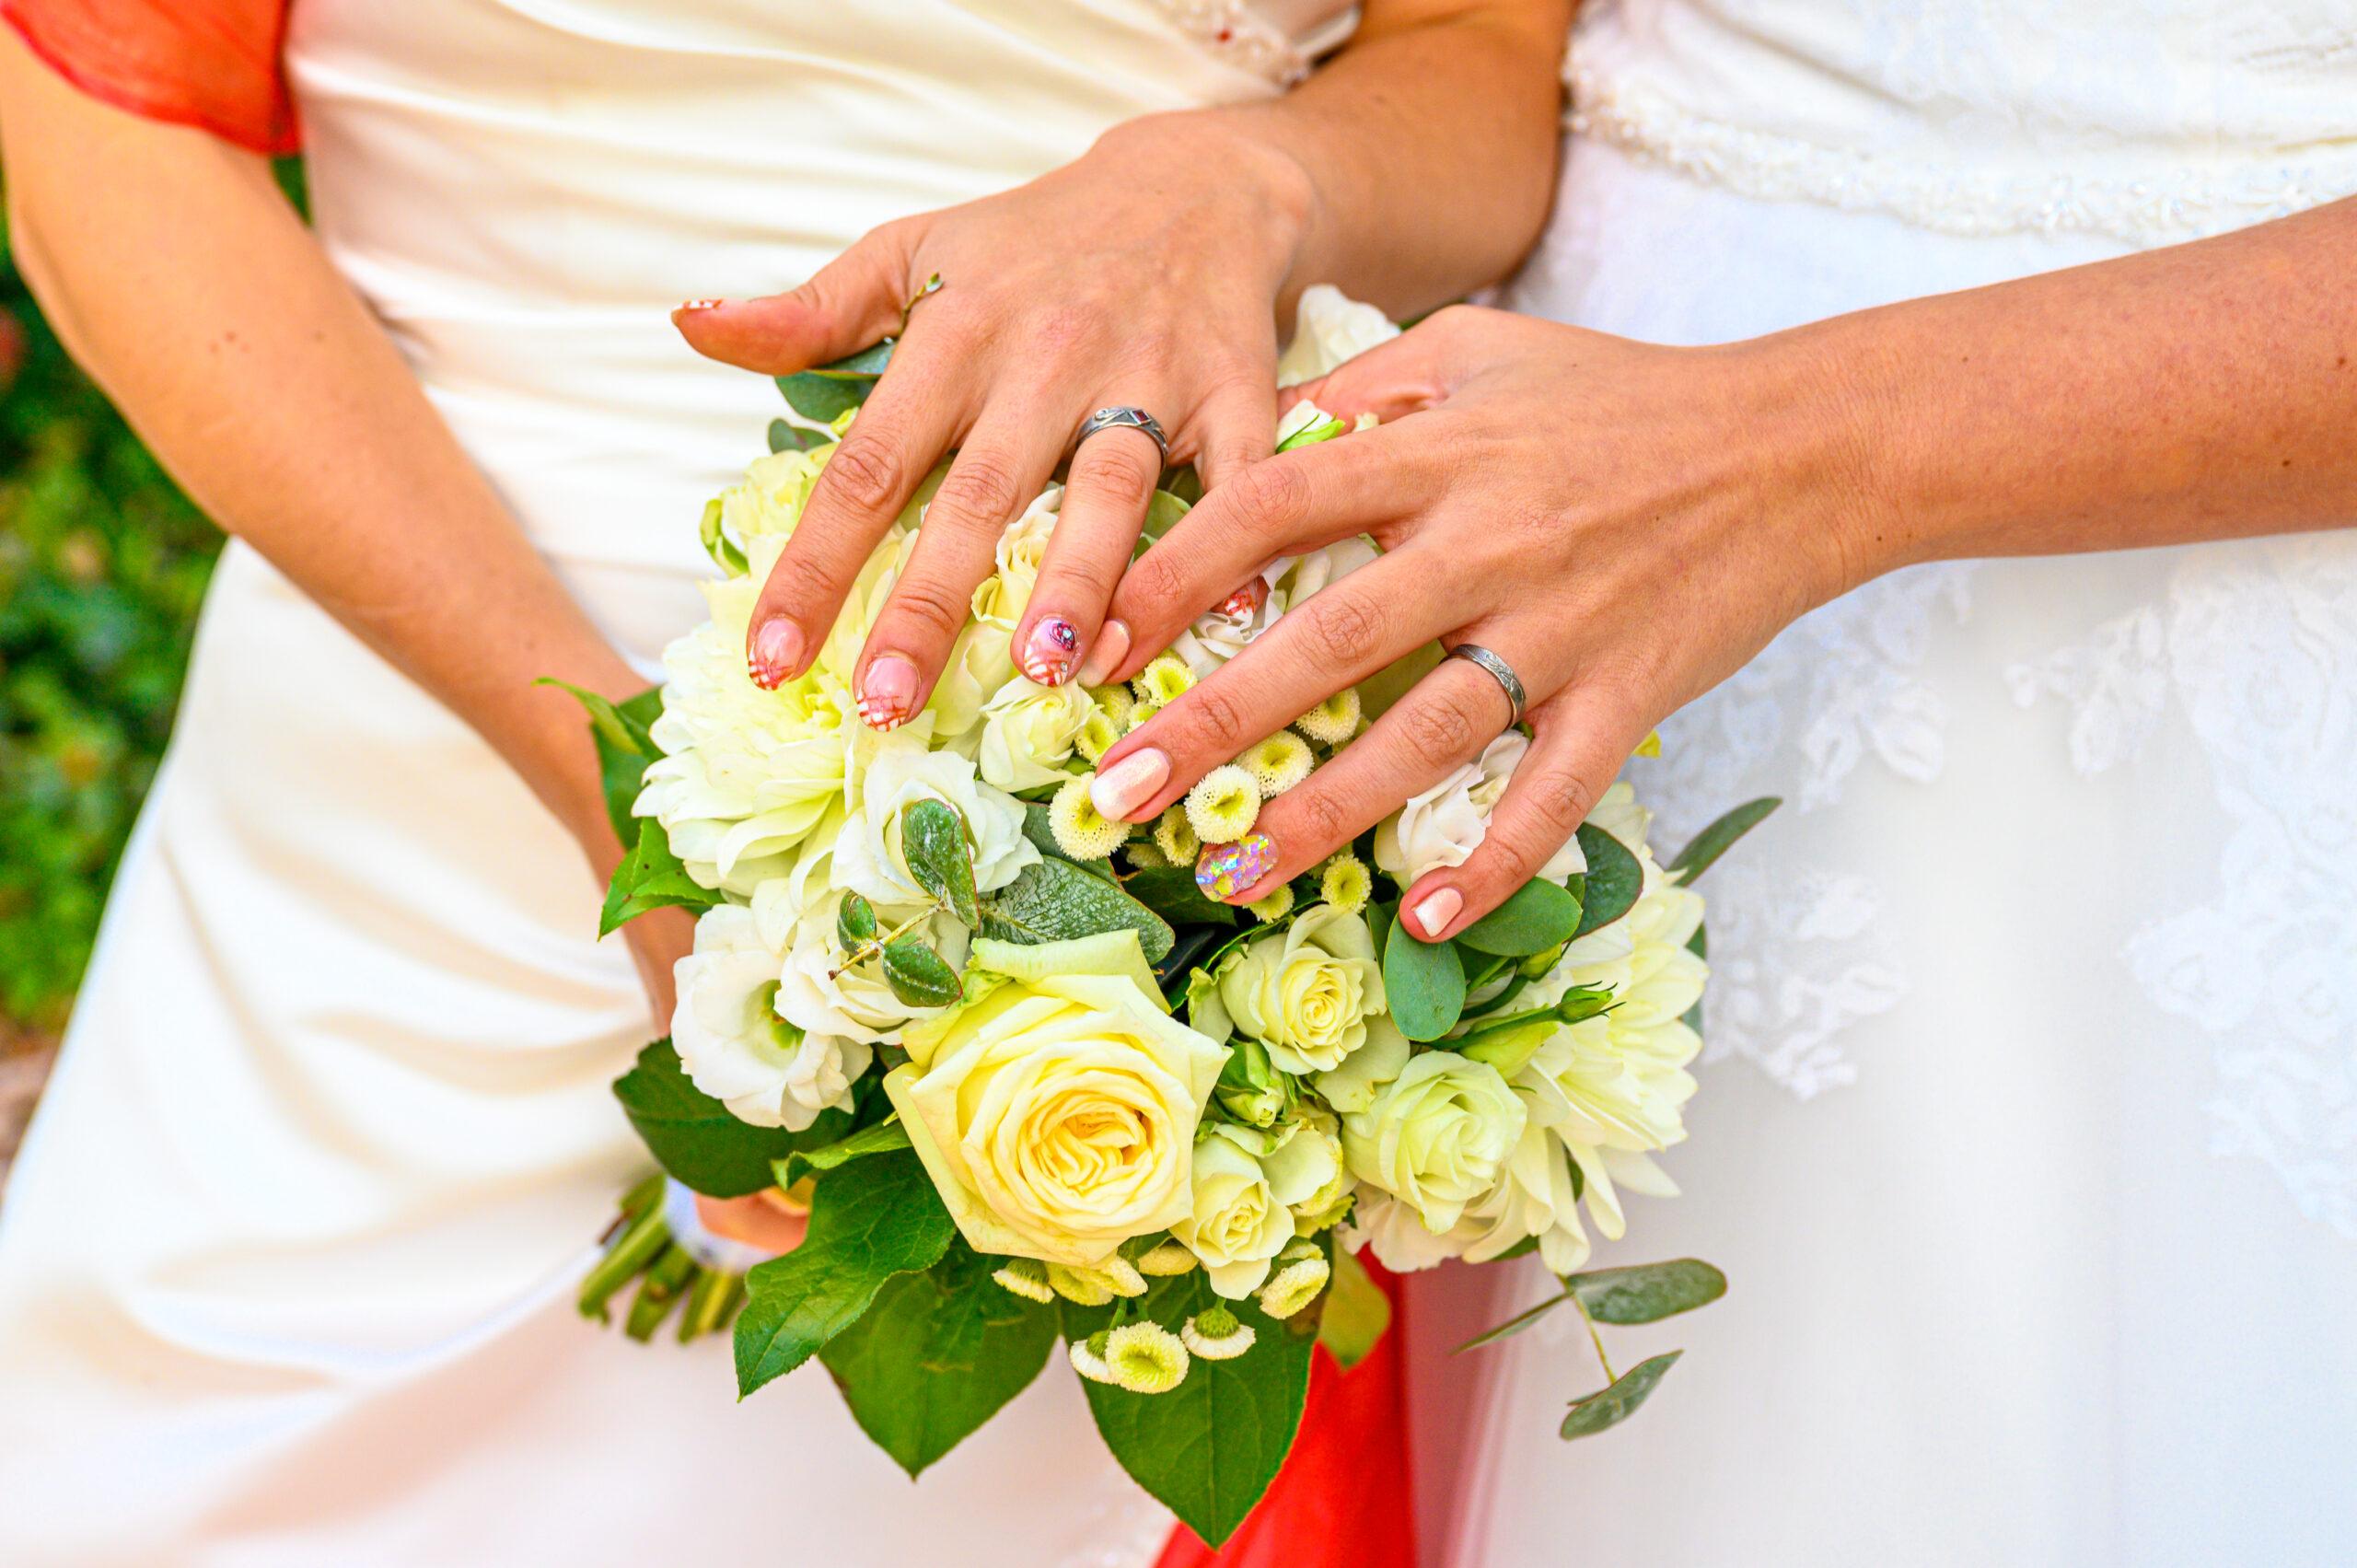 Photo du bouquet de mariées et des mains des mariées lors d'un mariage dans le Beaujolais avec la participation d'Art Song Production, professionnels de l'animation pour évènements privés et professionnels